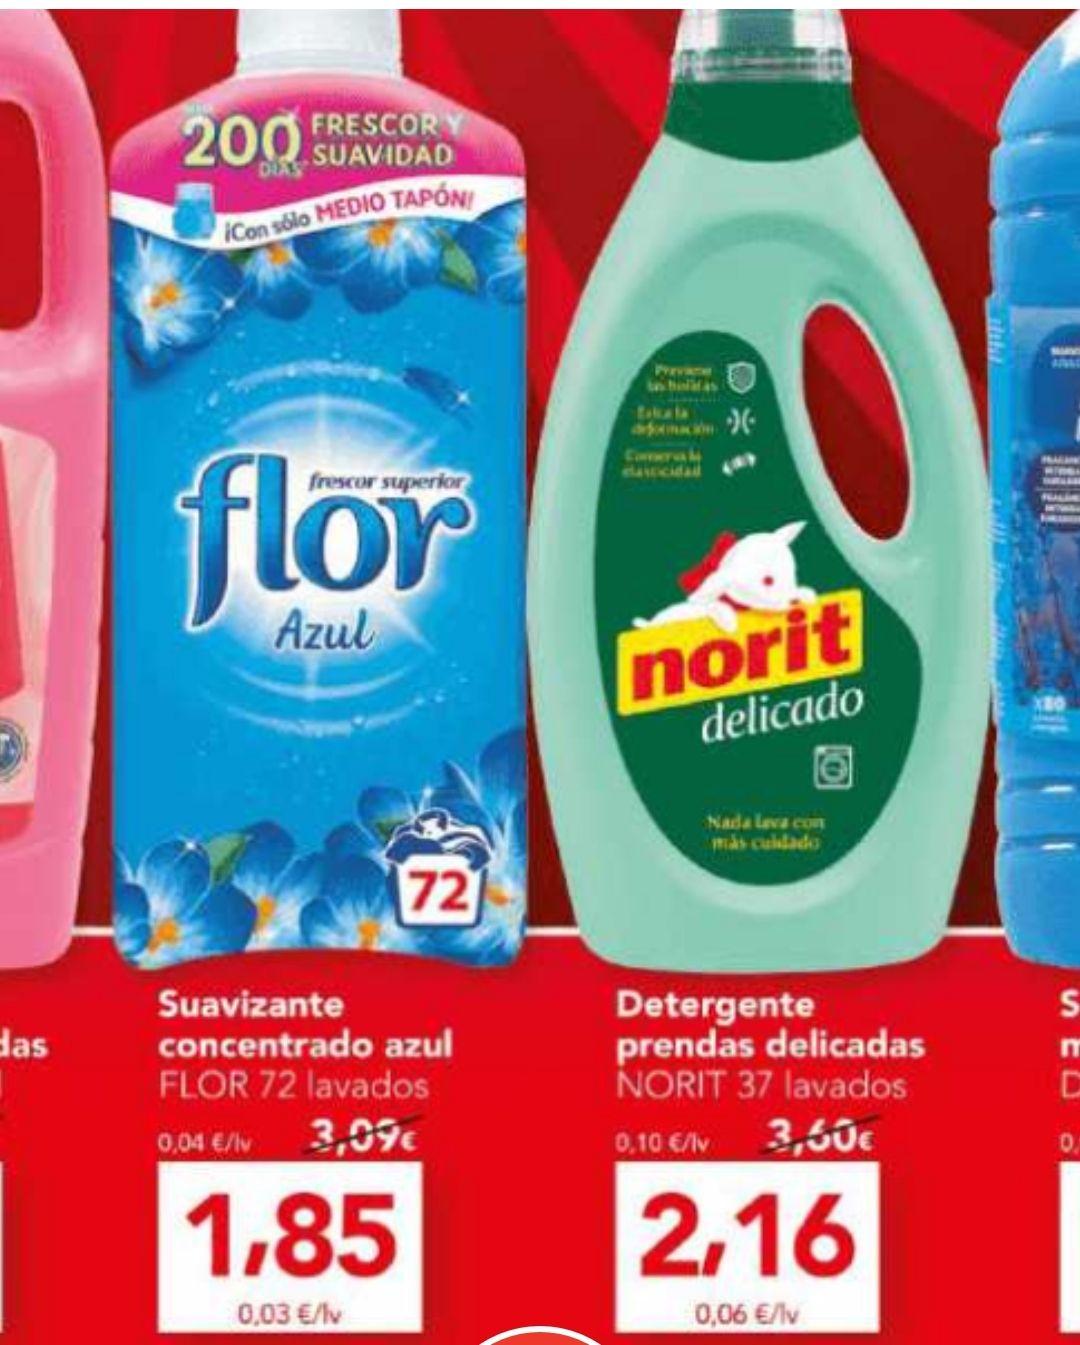 OFERTAZA Suavizante Flor 1,85€ y detergente Norit 2,16€ Supermercado Día catálogo nuevo